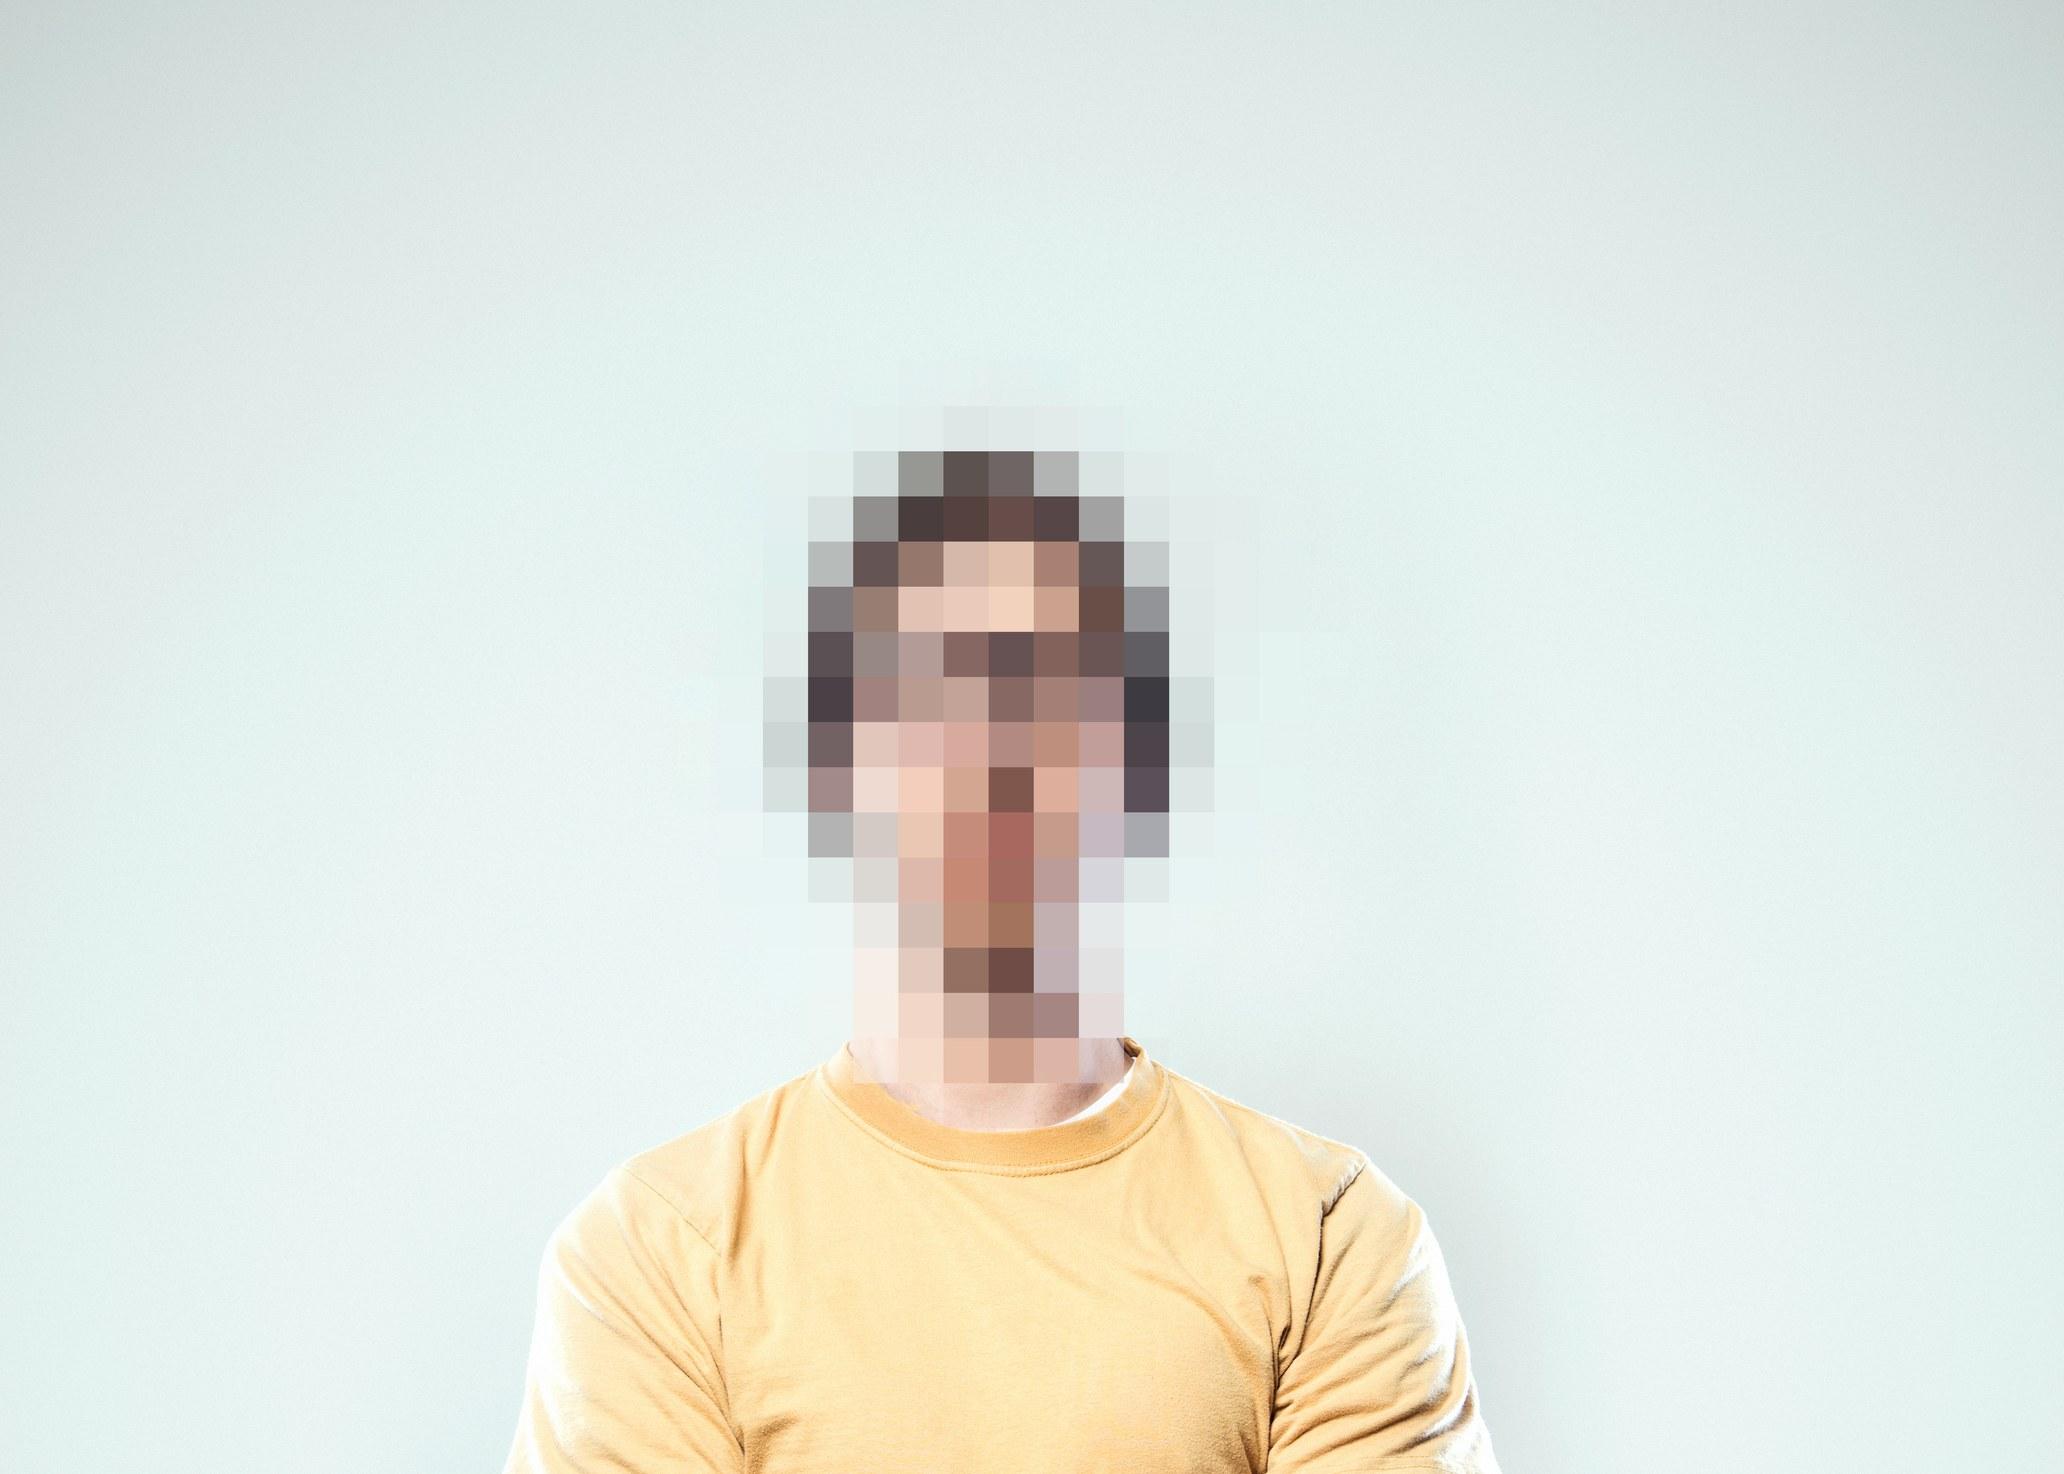 лицо закрытое квадратиком смотреть фото